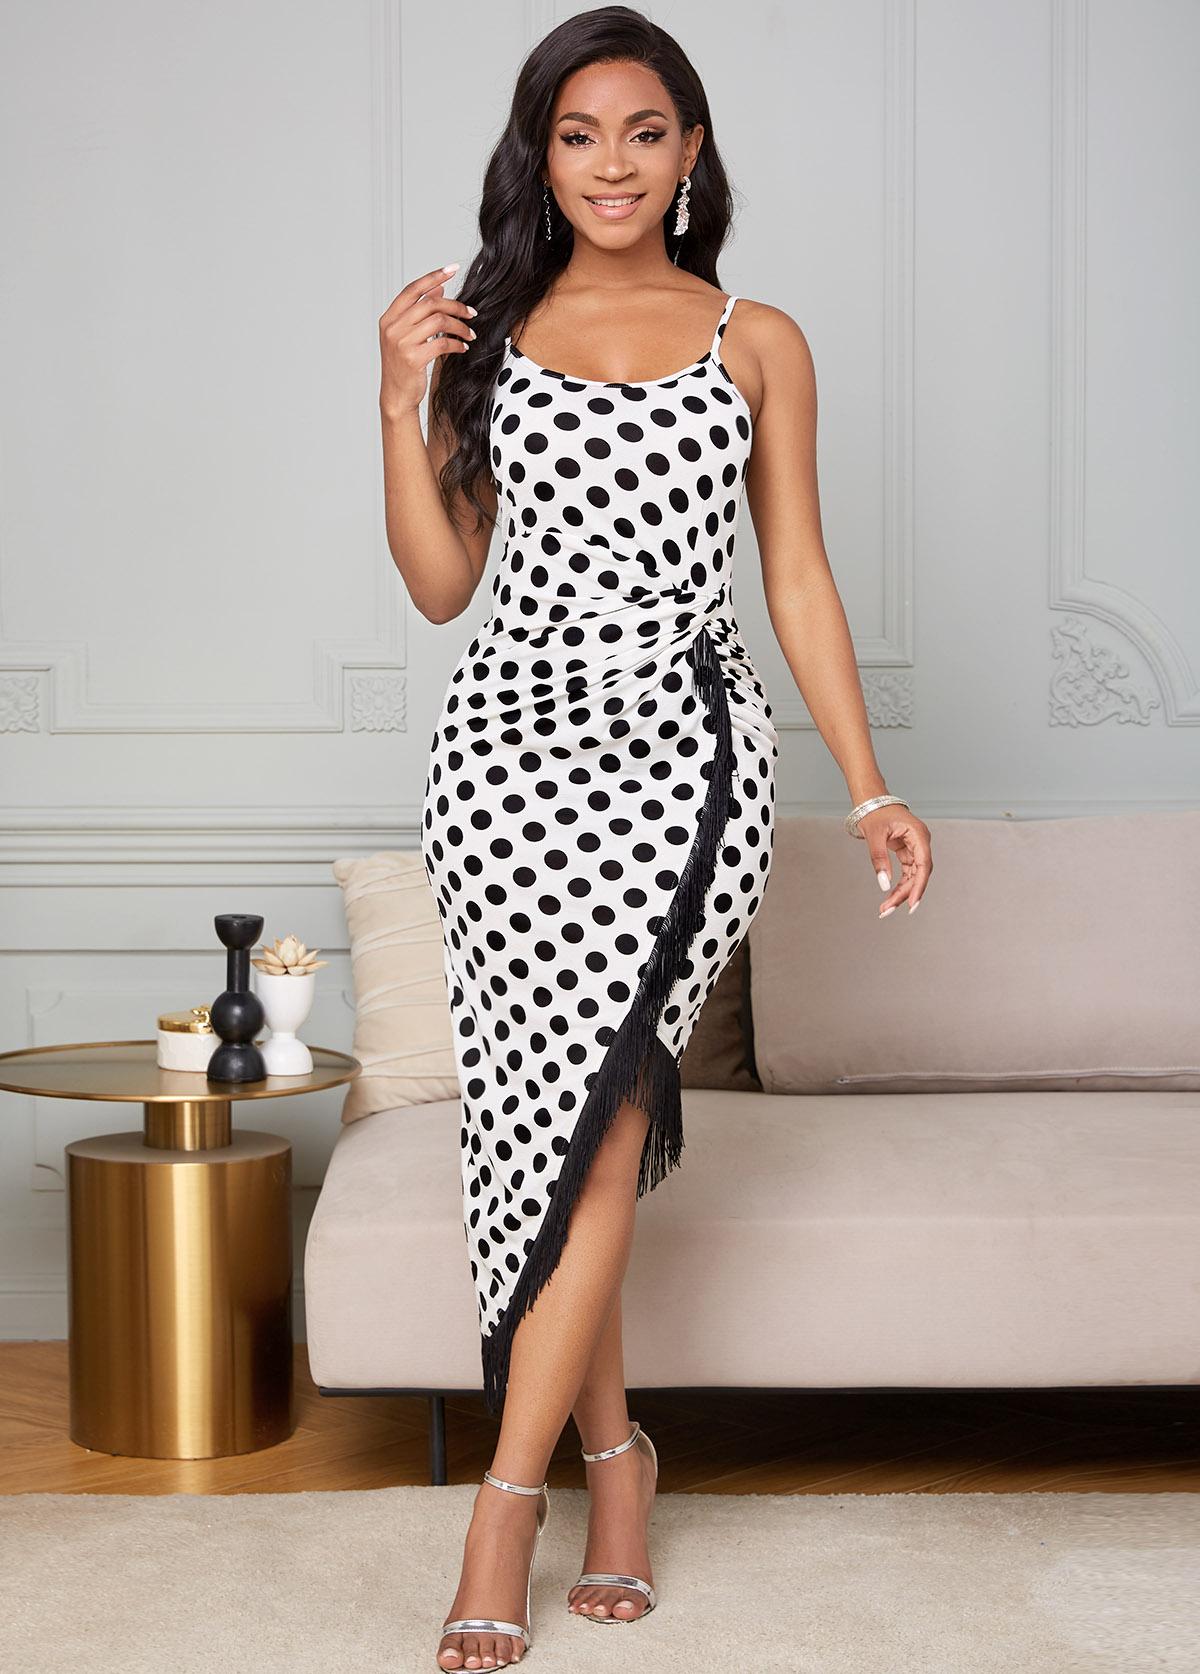 ROTITA Tassel Polka Dot Twist Front Bodycon Dress